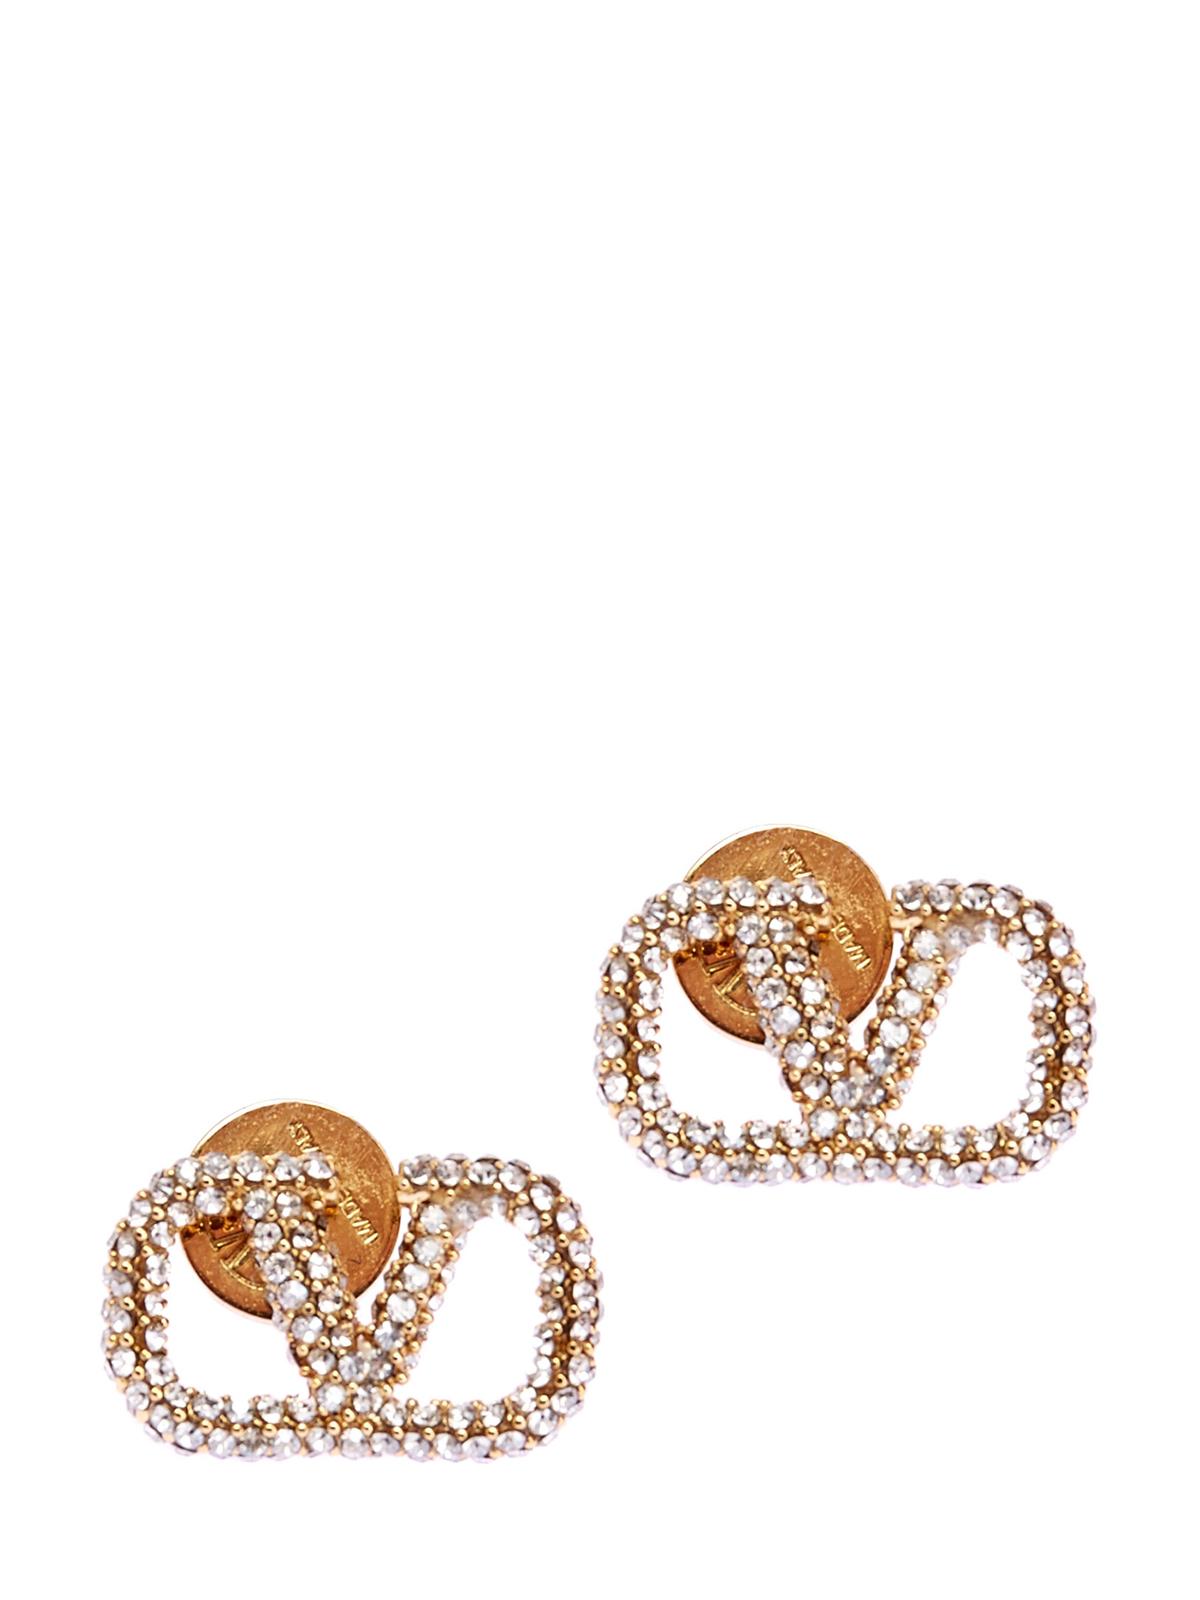 Пусеты в виде логотипа VLOGO Signature с кристаллами